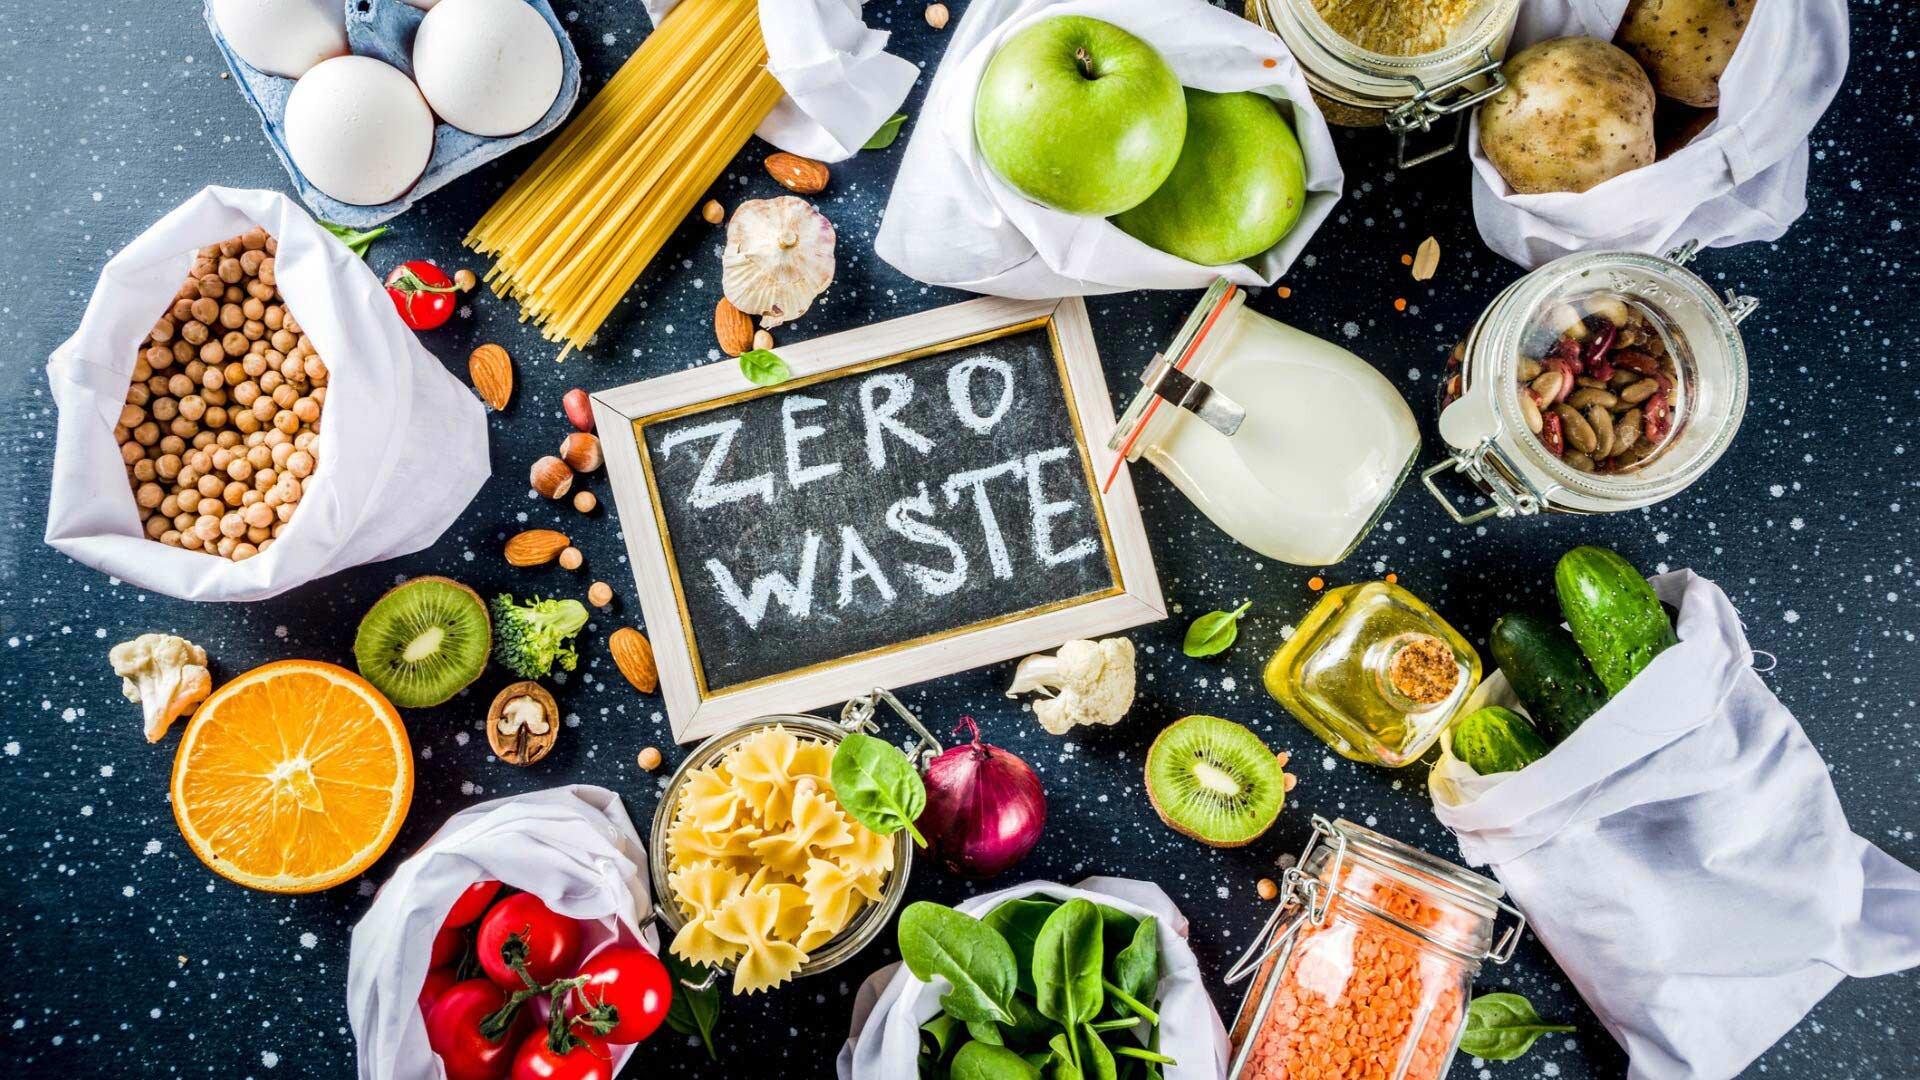 Jak realizować zasadę zero waste w gastronomii?